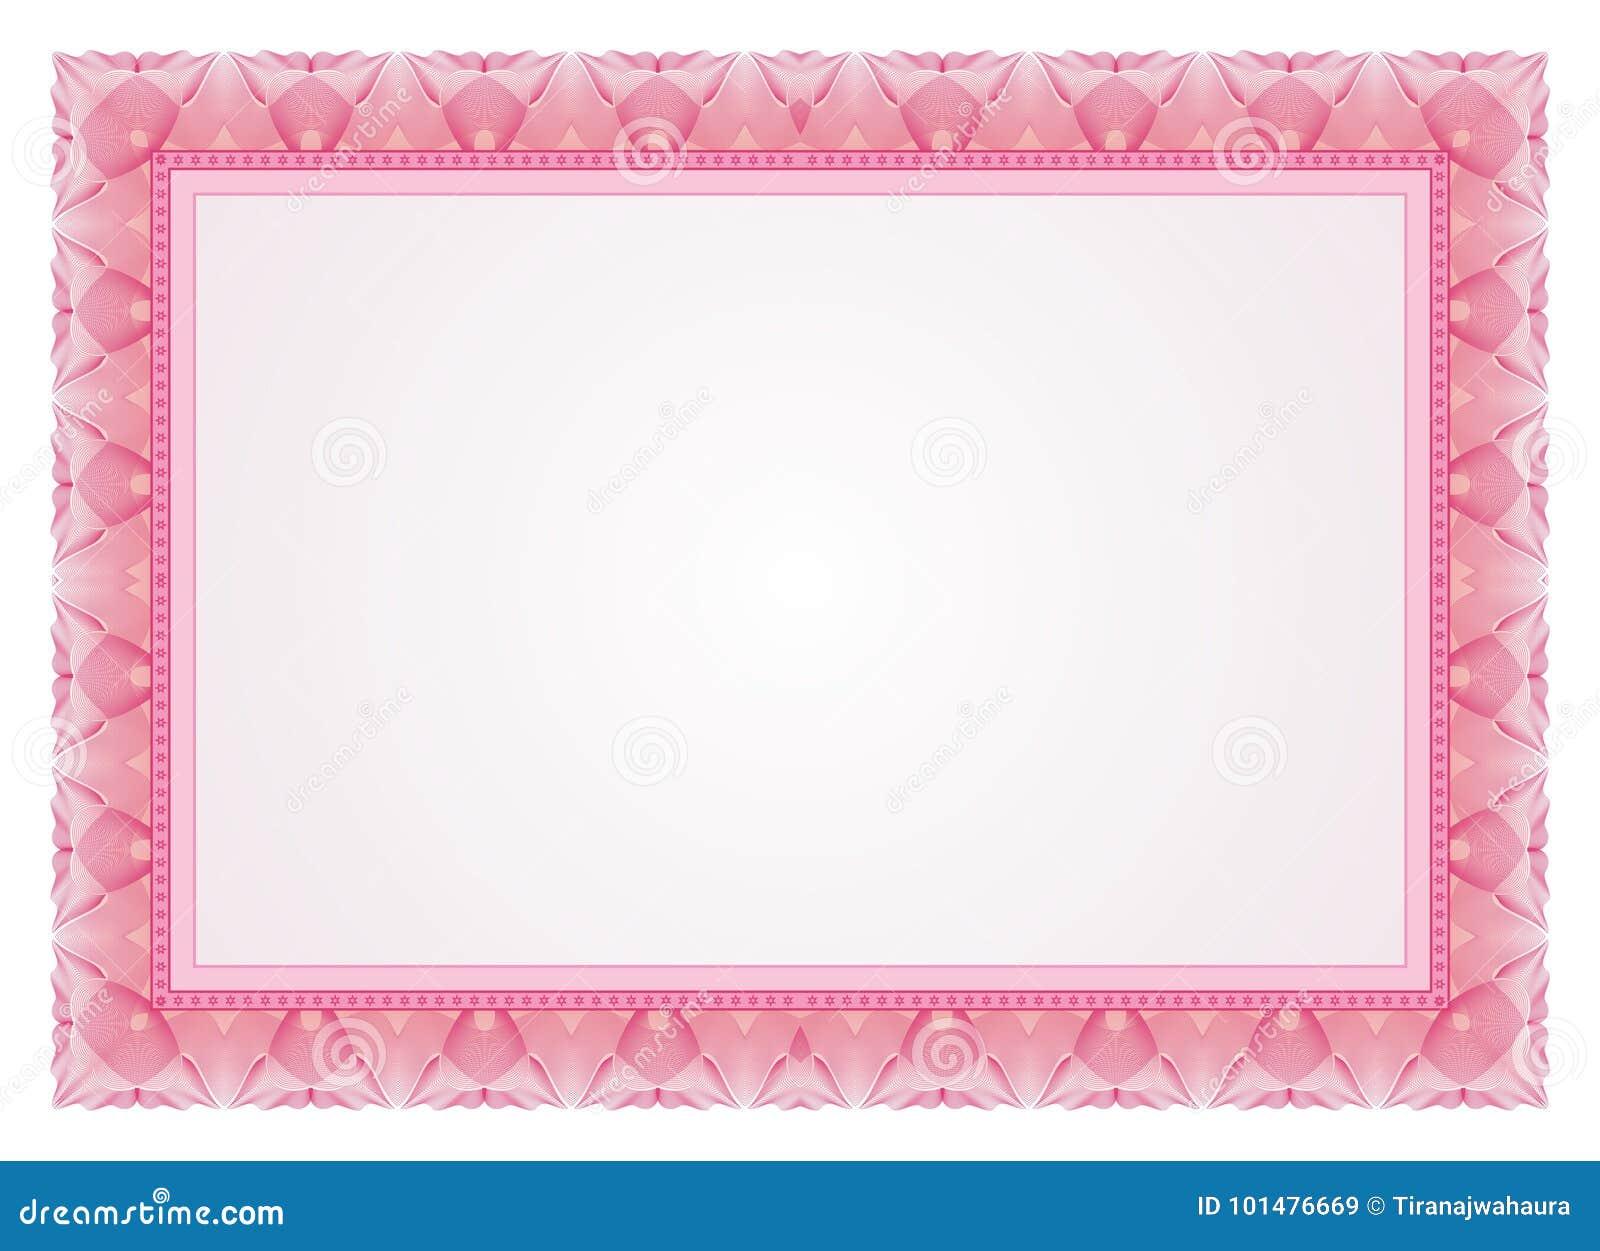 Zertifikat - Rahmen - Grenze Vektor Abbildung - Illustration von ...